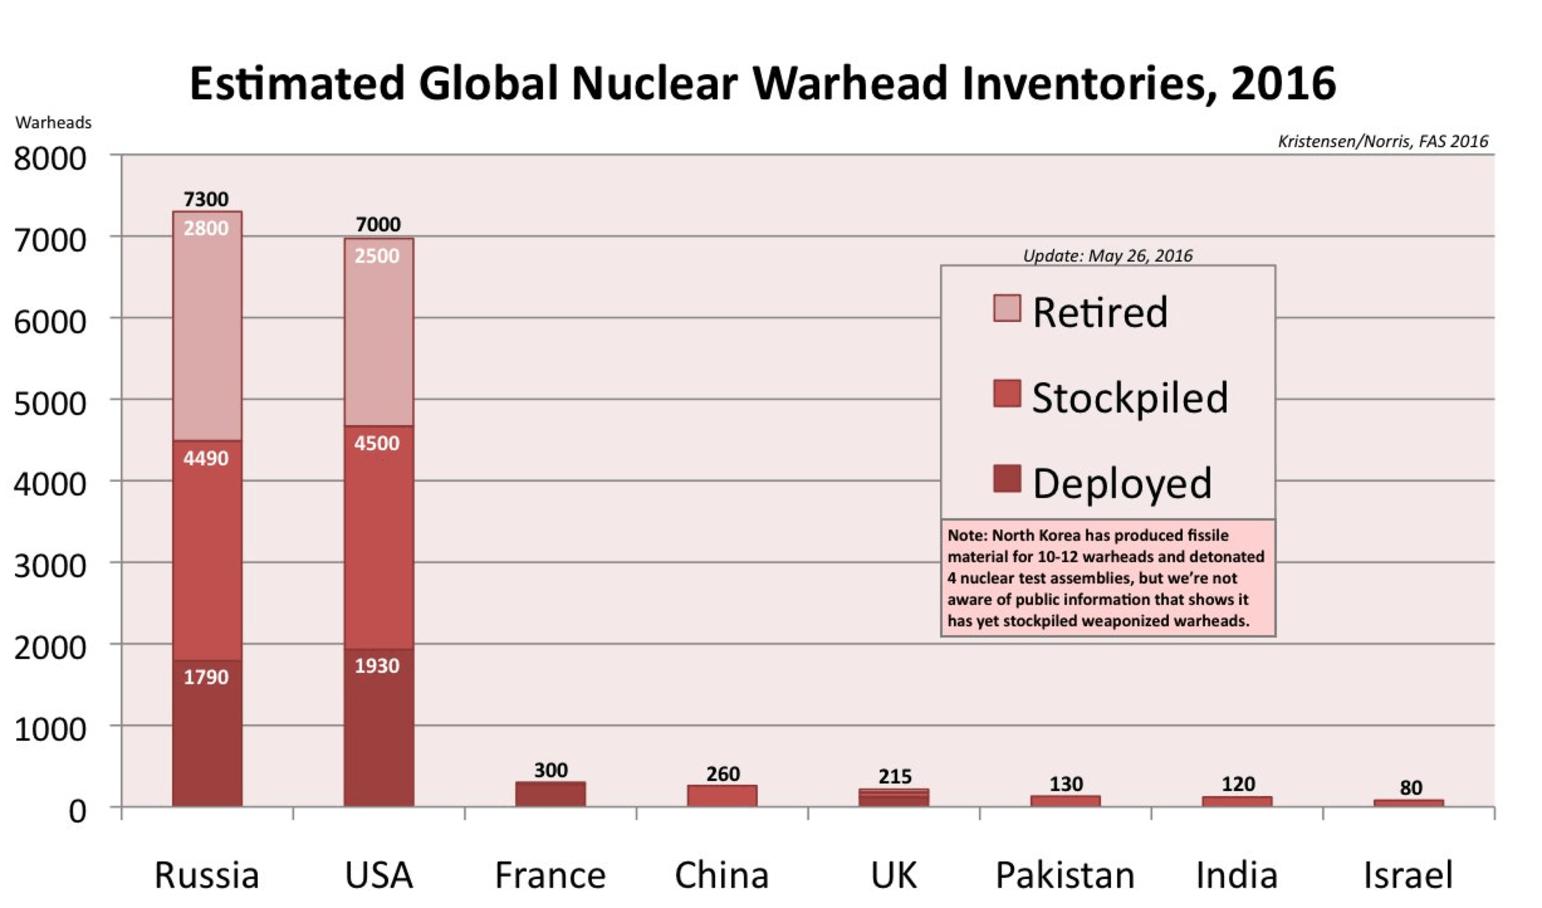 Global nuclear